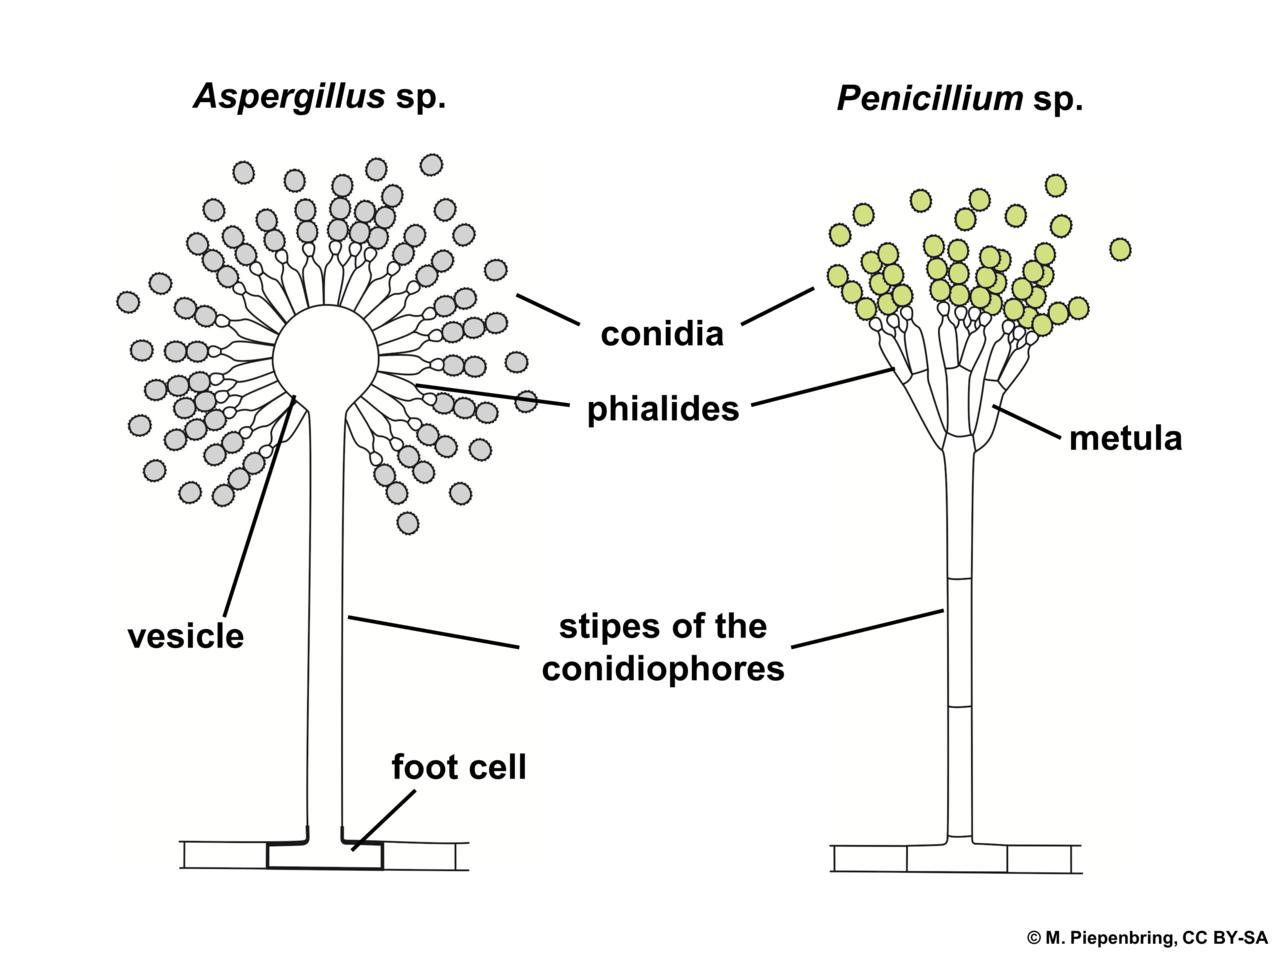 file 04 03 21a conidiophores  aspergillus  penicillium